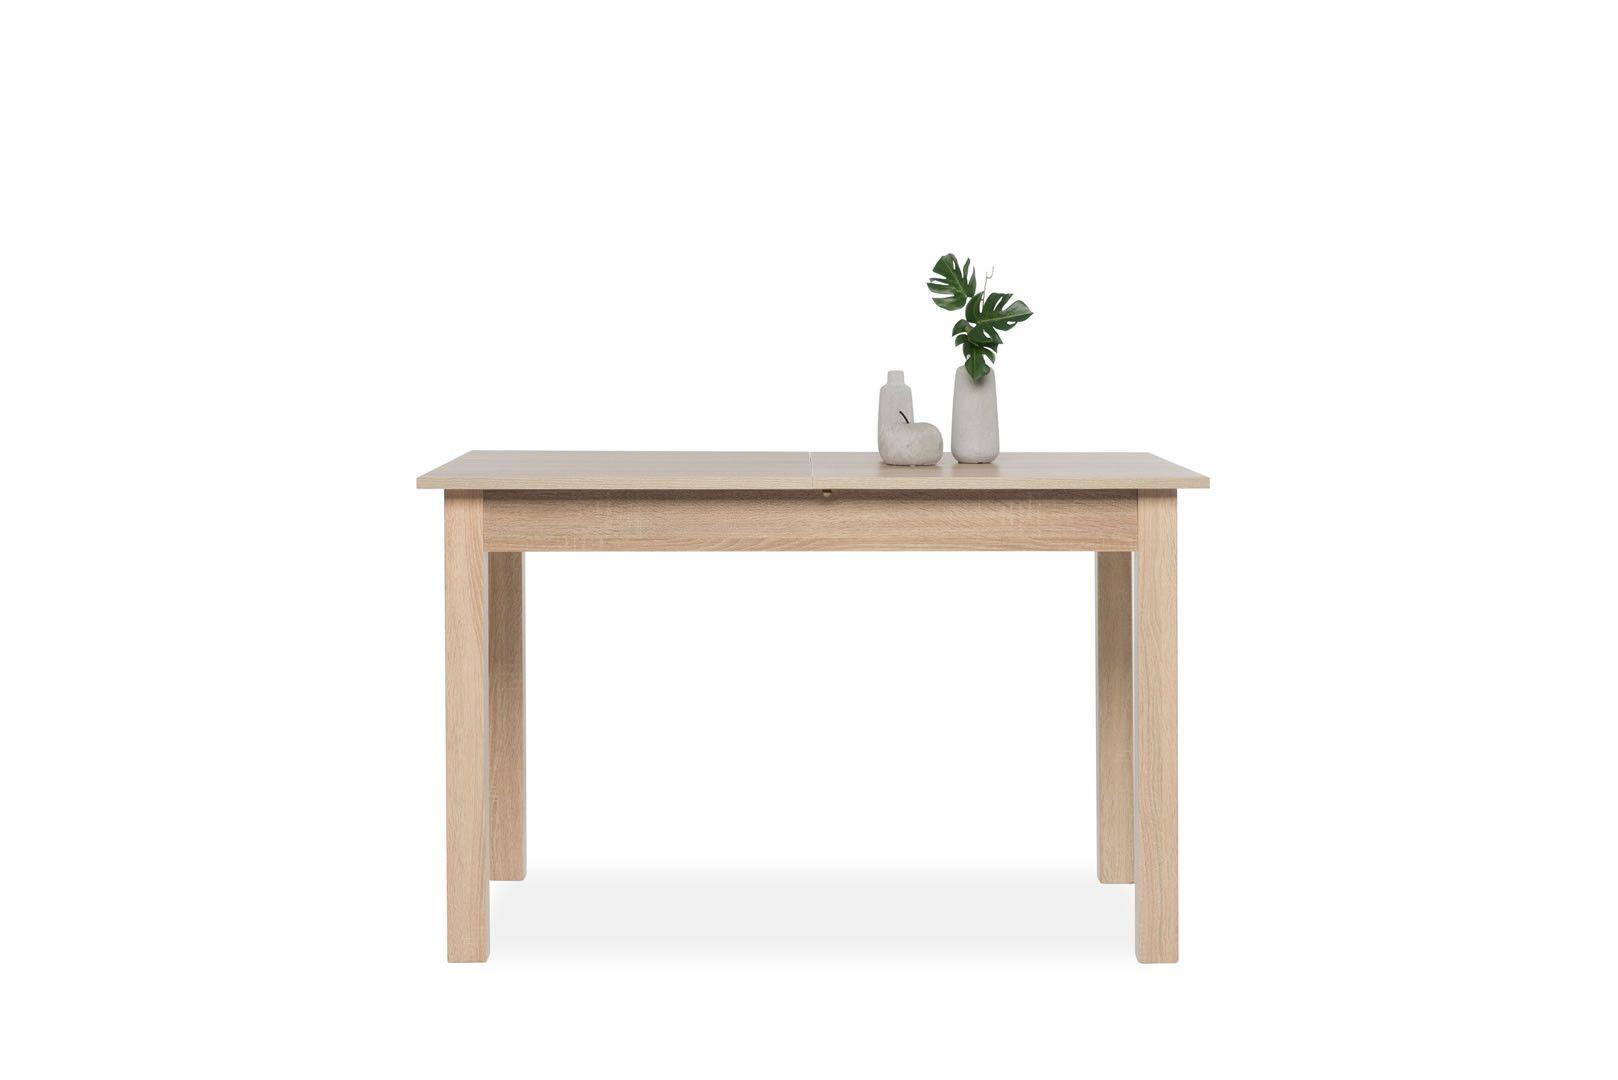 table de cuisine avec allonge 120 160 cm jiminy ch ne clair. Black Bedroom Furniture Sets. Home Design Ideas